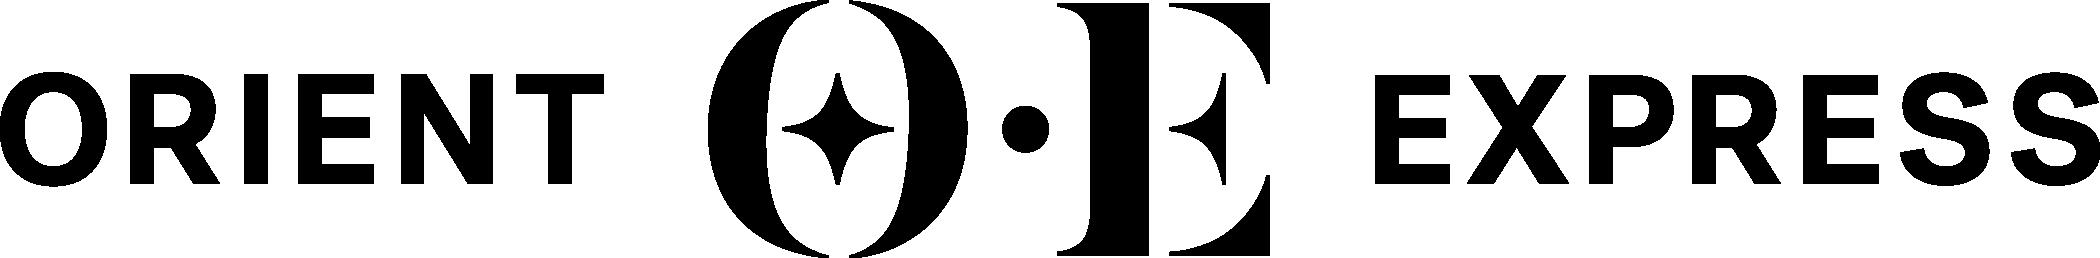 3 Logos Oe Centre